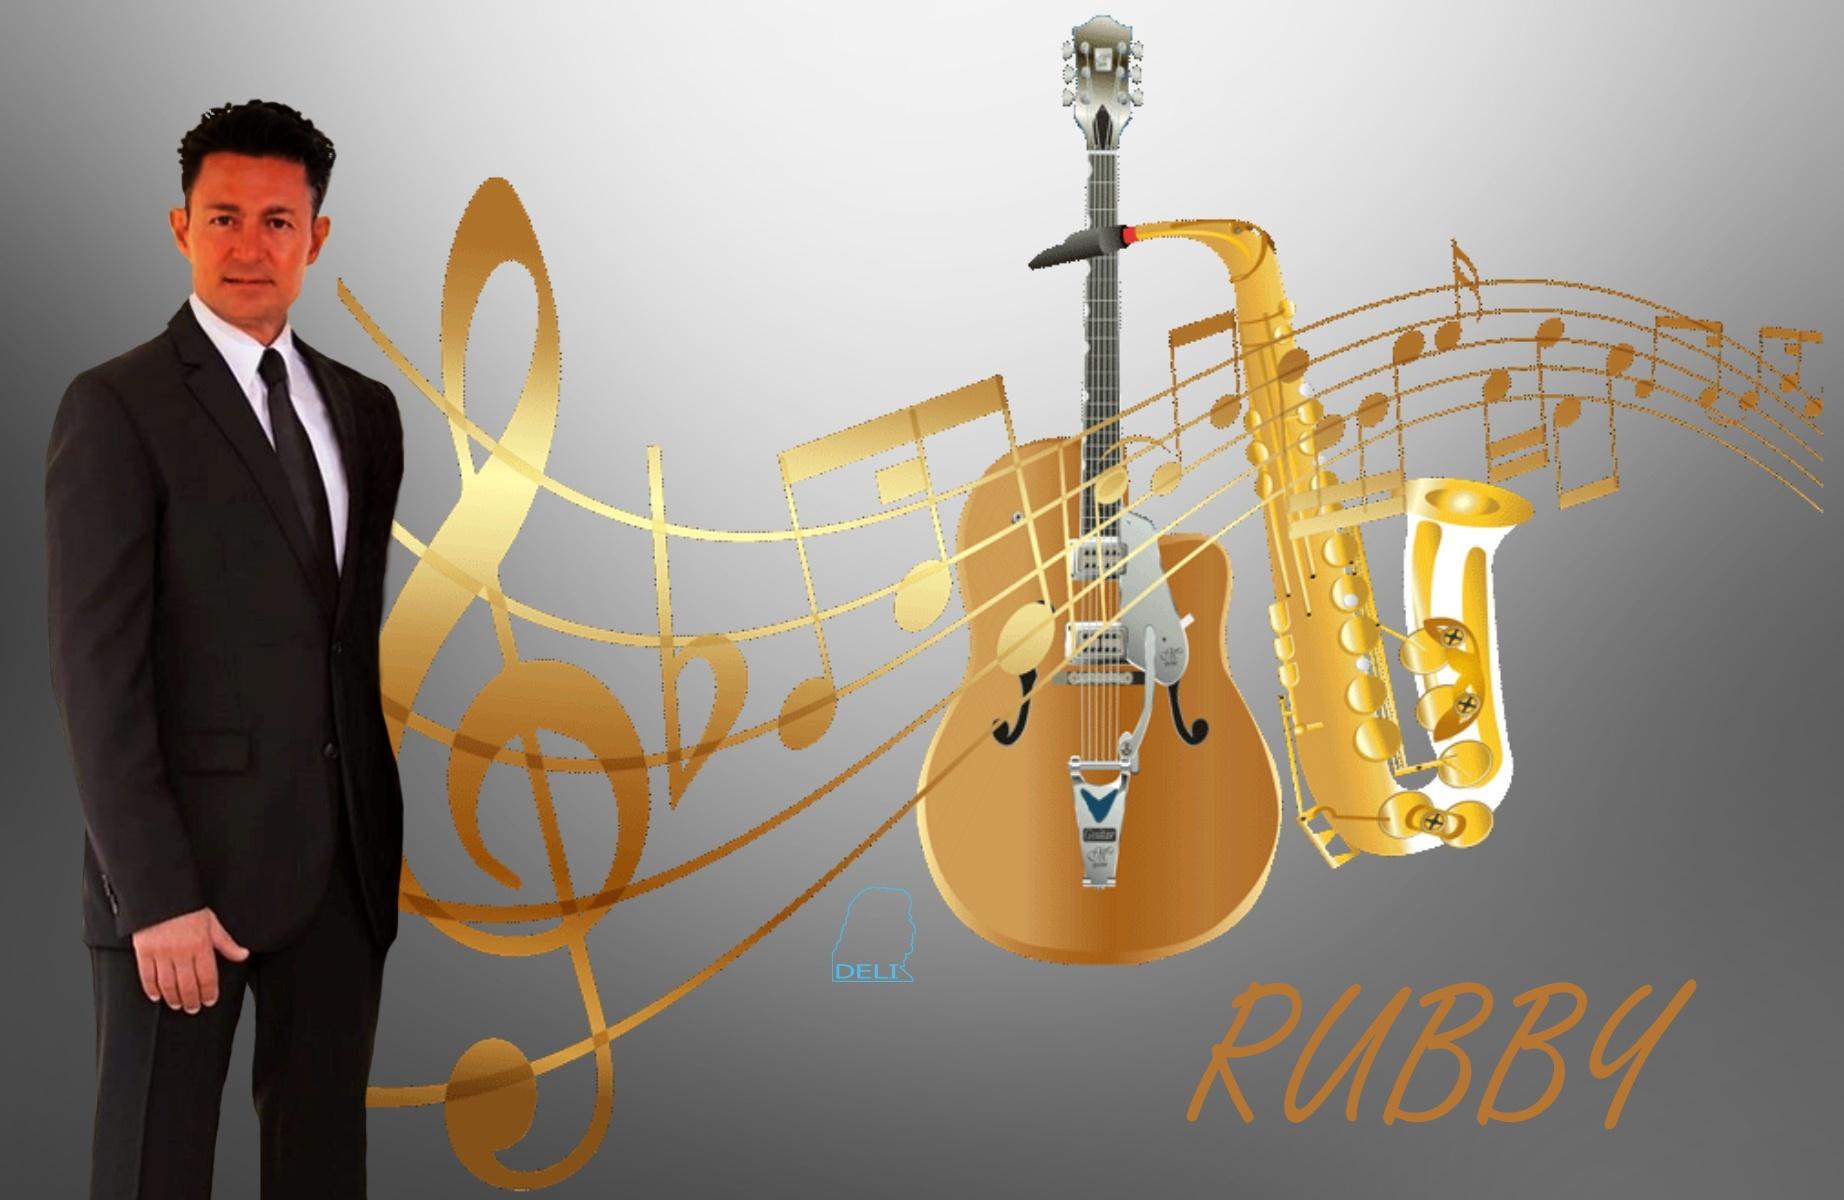 fer36-RUBBY